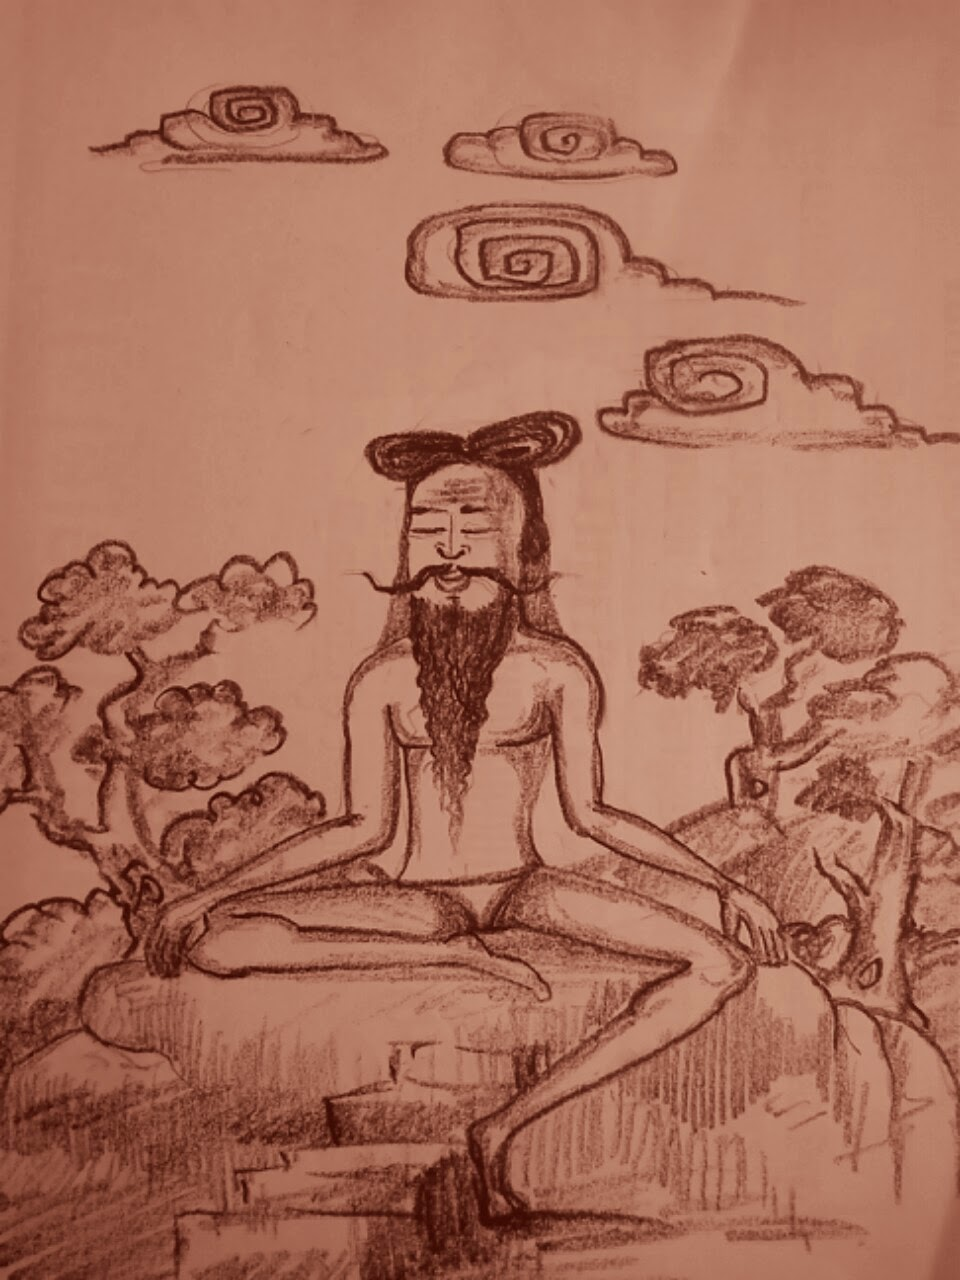 சதுரகிரி மலை அடிவாரத்தில்  தபோவனம் ஒன்று இருக்கிறது.அதனுடைய பெயர் மாவூற்று ஆகும்.